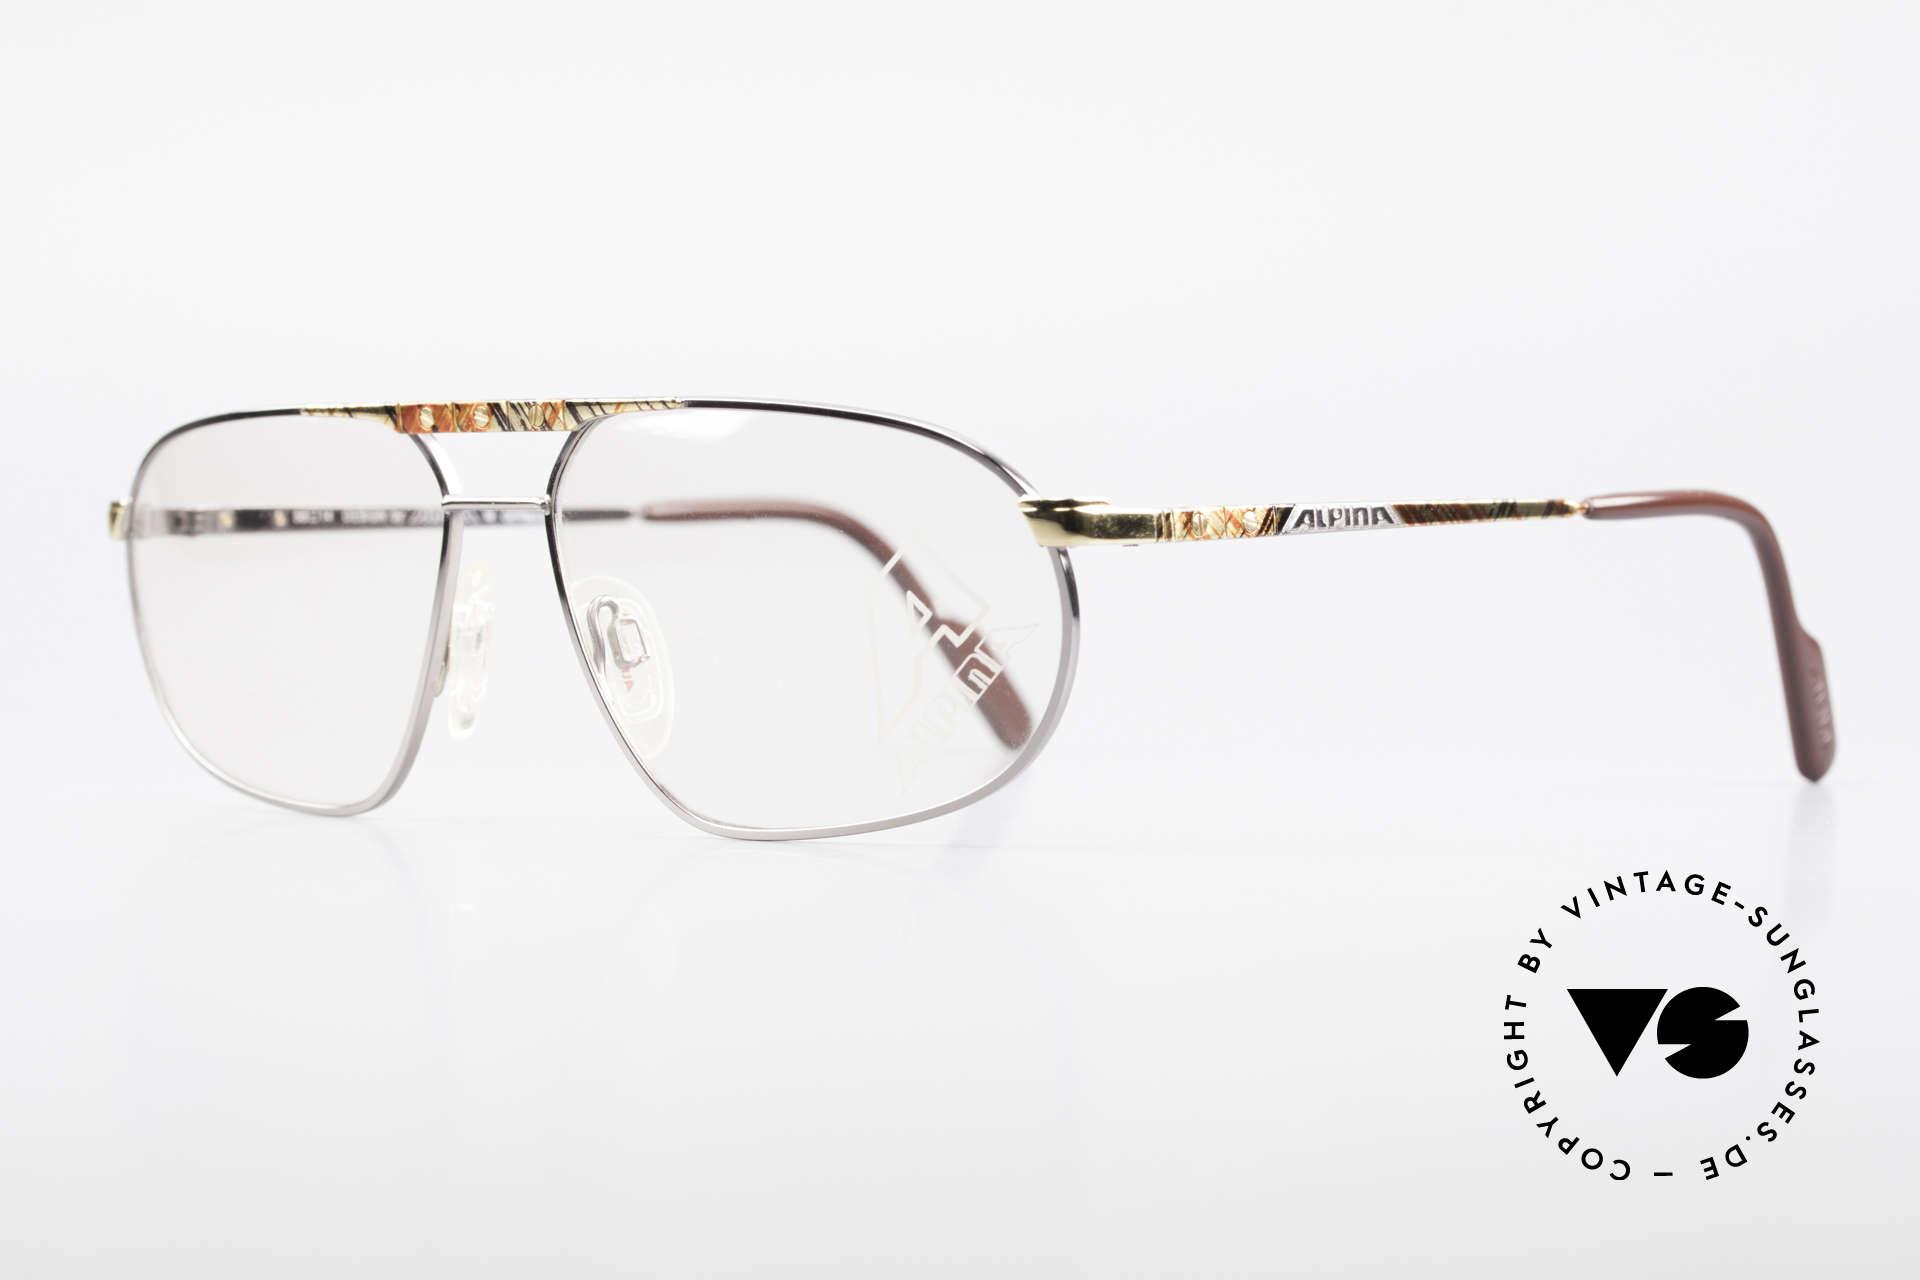 Alpina FM28 Vintage 80er Designer Fassung, markant männliche Form (vintage Herren-Brille), Passend für Herren